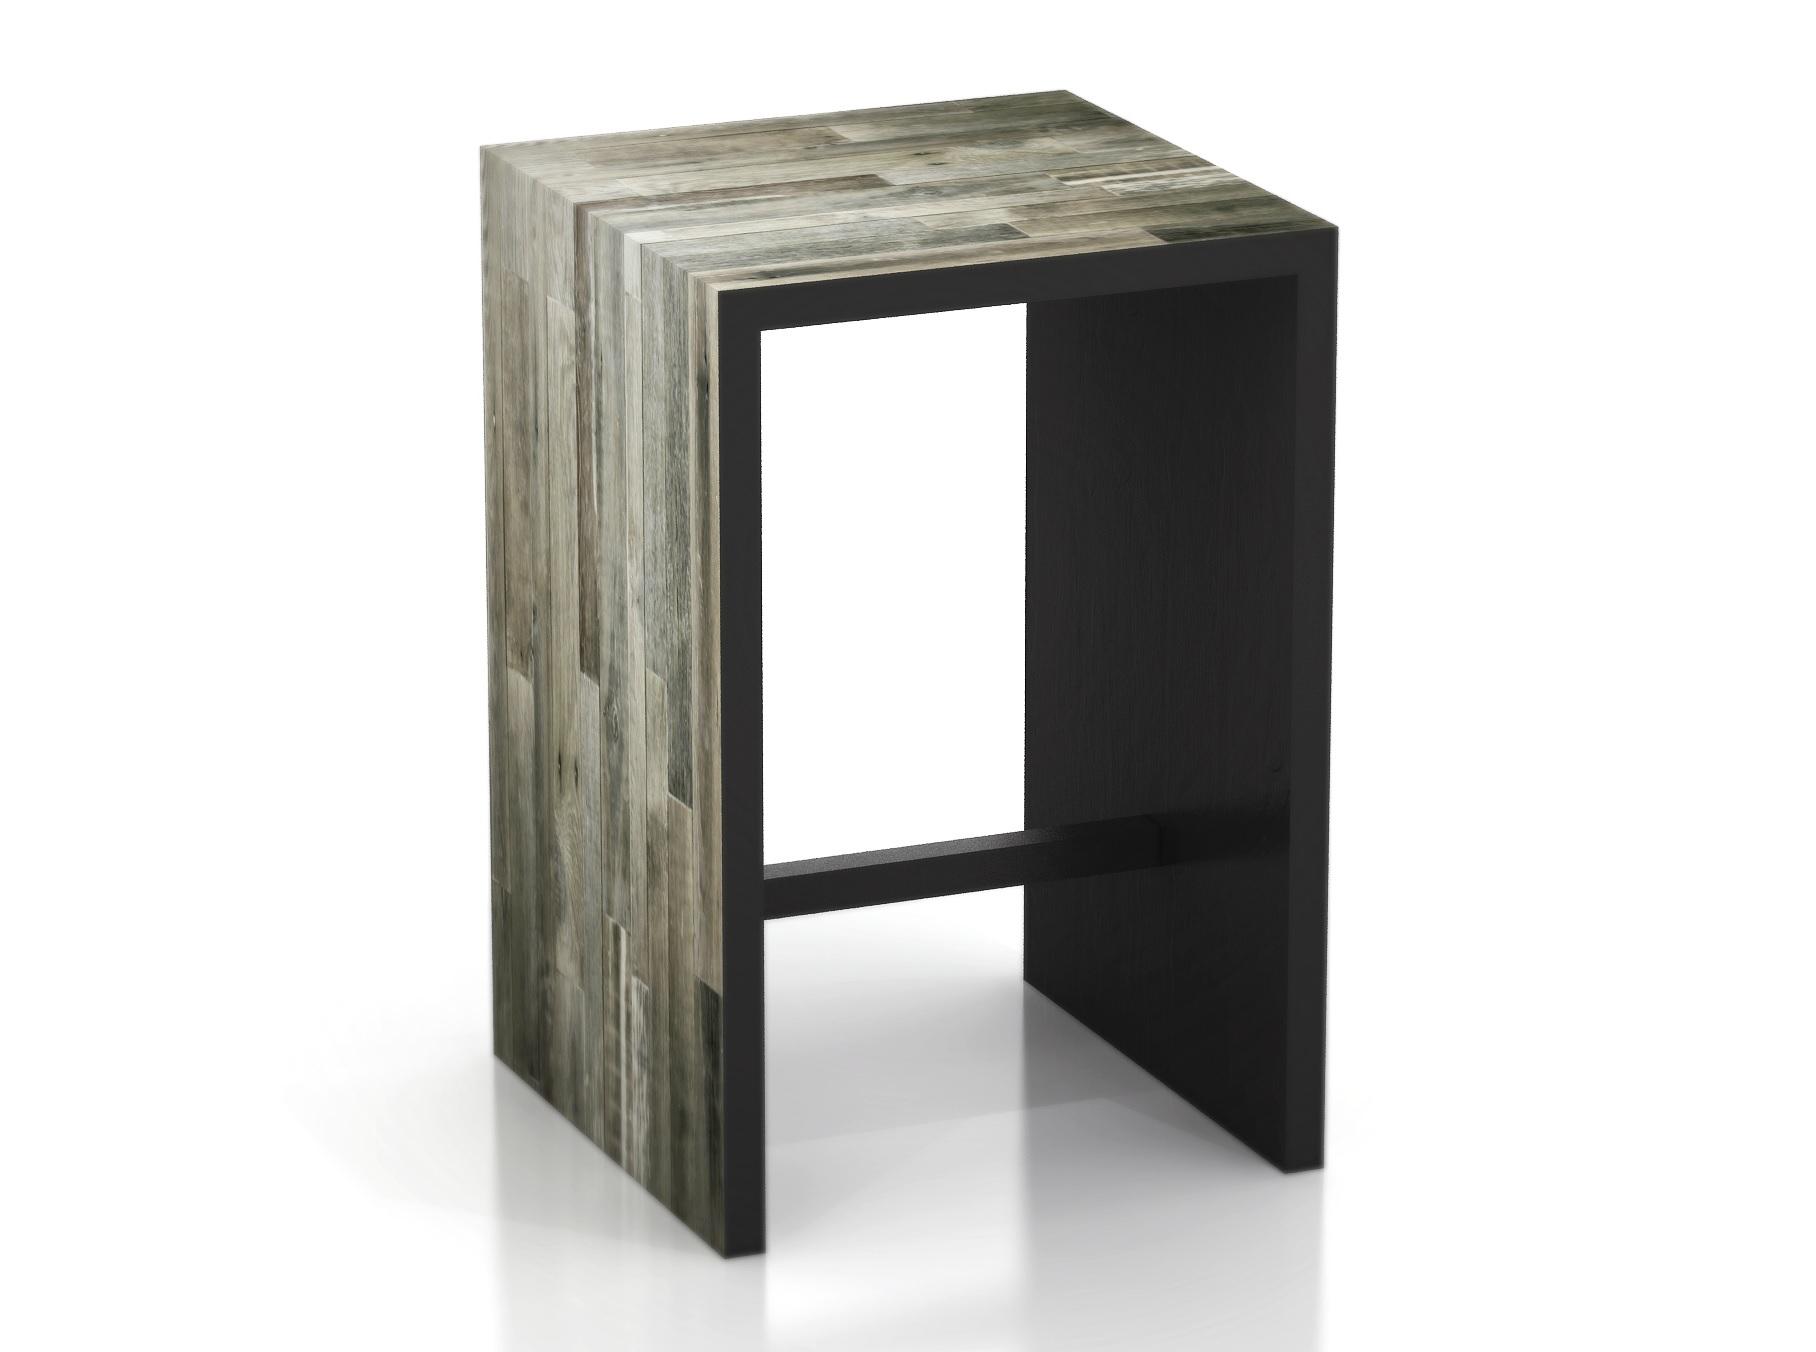 Стол барный Oldwood StapleБарные столы<br>Материал: березовая фанера, старая доска. На основание крепится мебельный войлок.&amp;lt;div&amp;gt;&amp;lt;br&amp;gt;&amp;lt;/div&amp;gt;&amp;lt;div&amp;gt;Возможно изготовление любых размеров, стоимость необходимо уточнять.&amp;lt;/div&amp;gt;&amp;lt;div&amp;gt;Ширина: 60-300 см, глубина: 60-100 см, высота: 90/100/110/120 см.&amp;lt;/div&amp;gt;<br><br>Material: Дерево<br>Ширина см: 60<br>Высота см: 90<br>Глубина см: 60